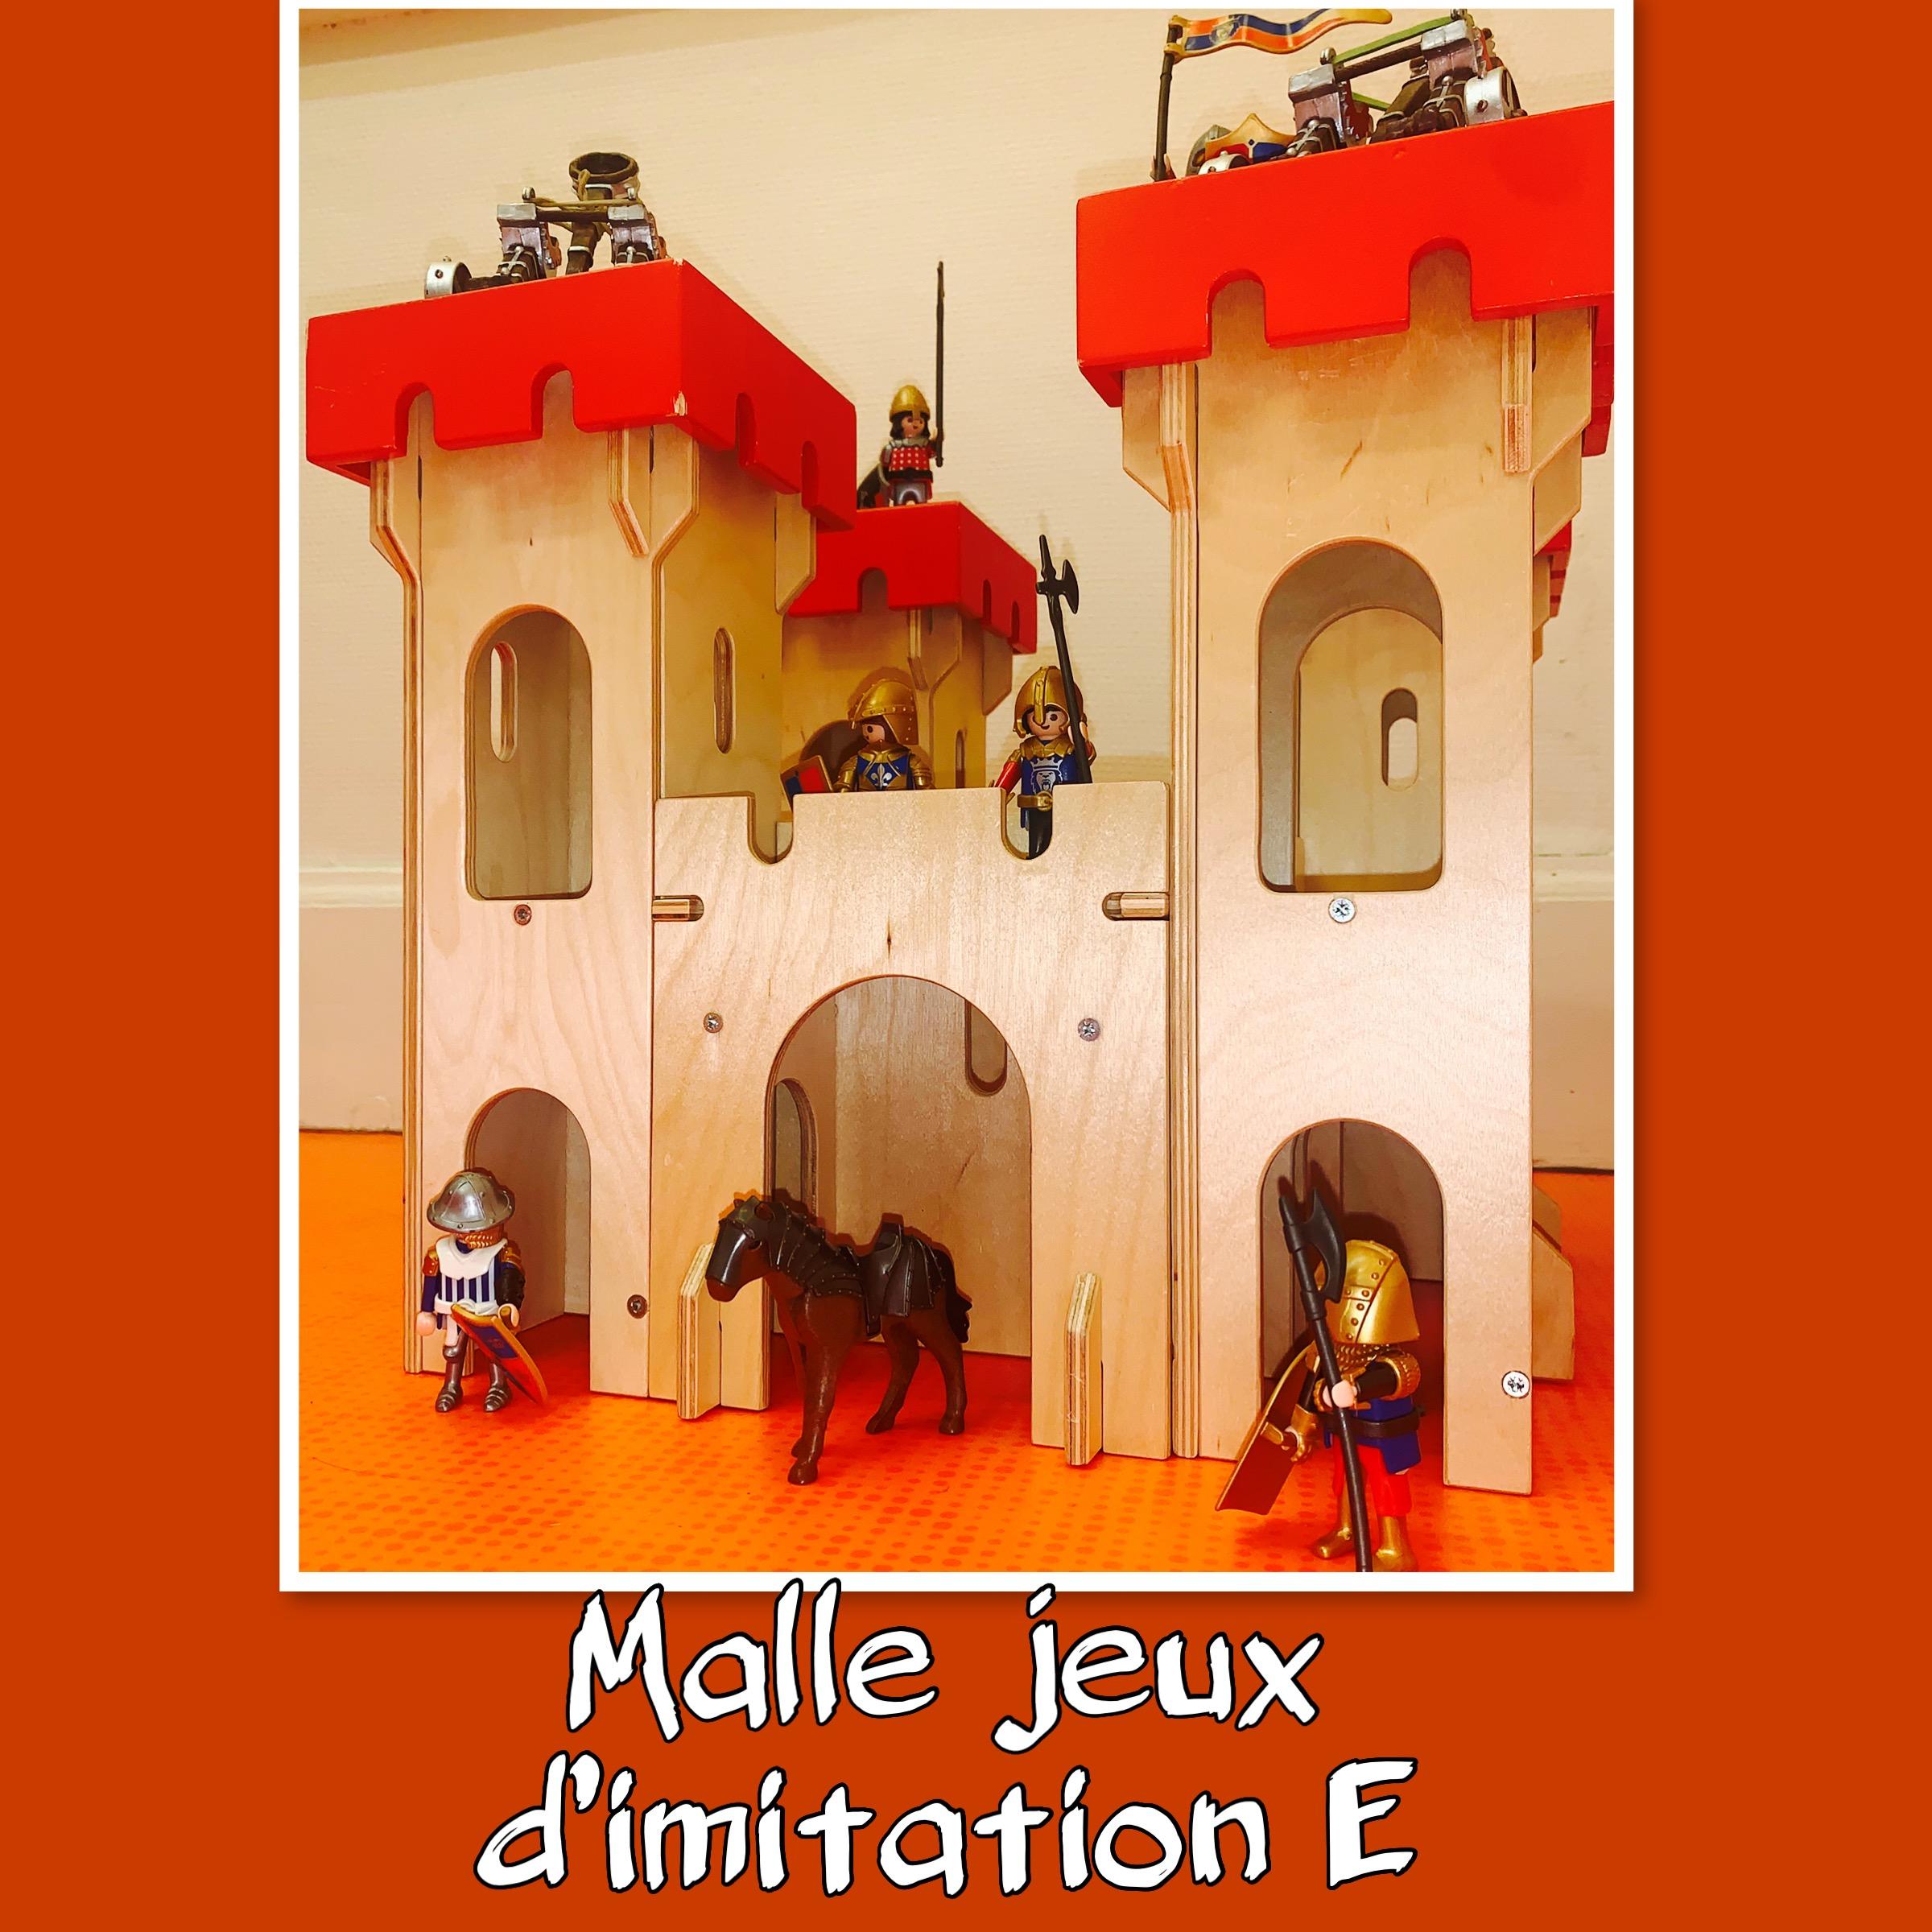 Malle imitation 4